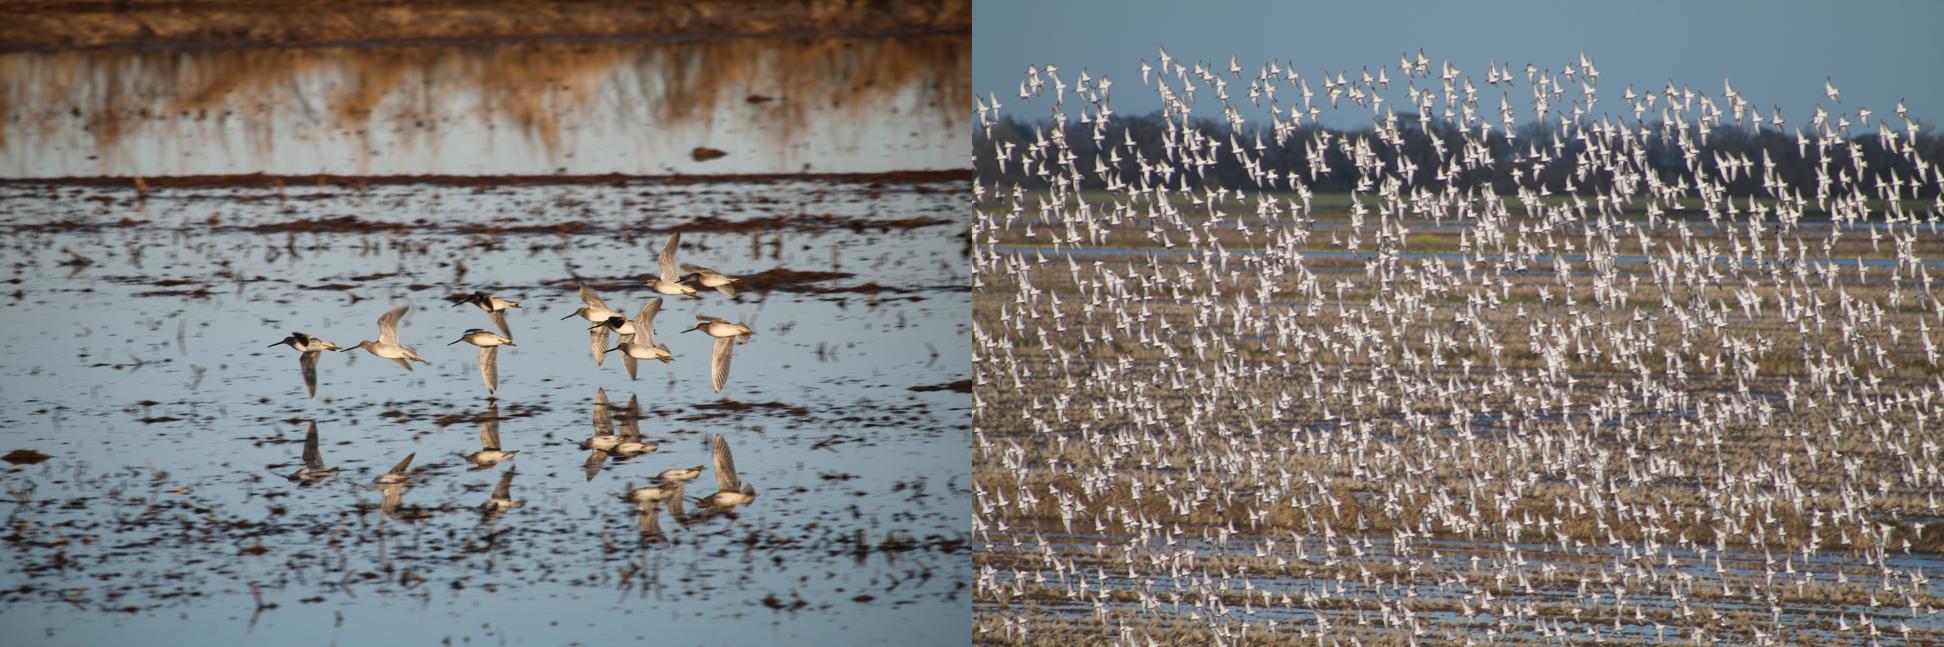 flock of birds flying over flooded fields